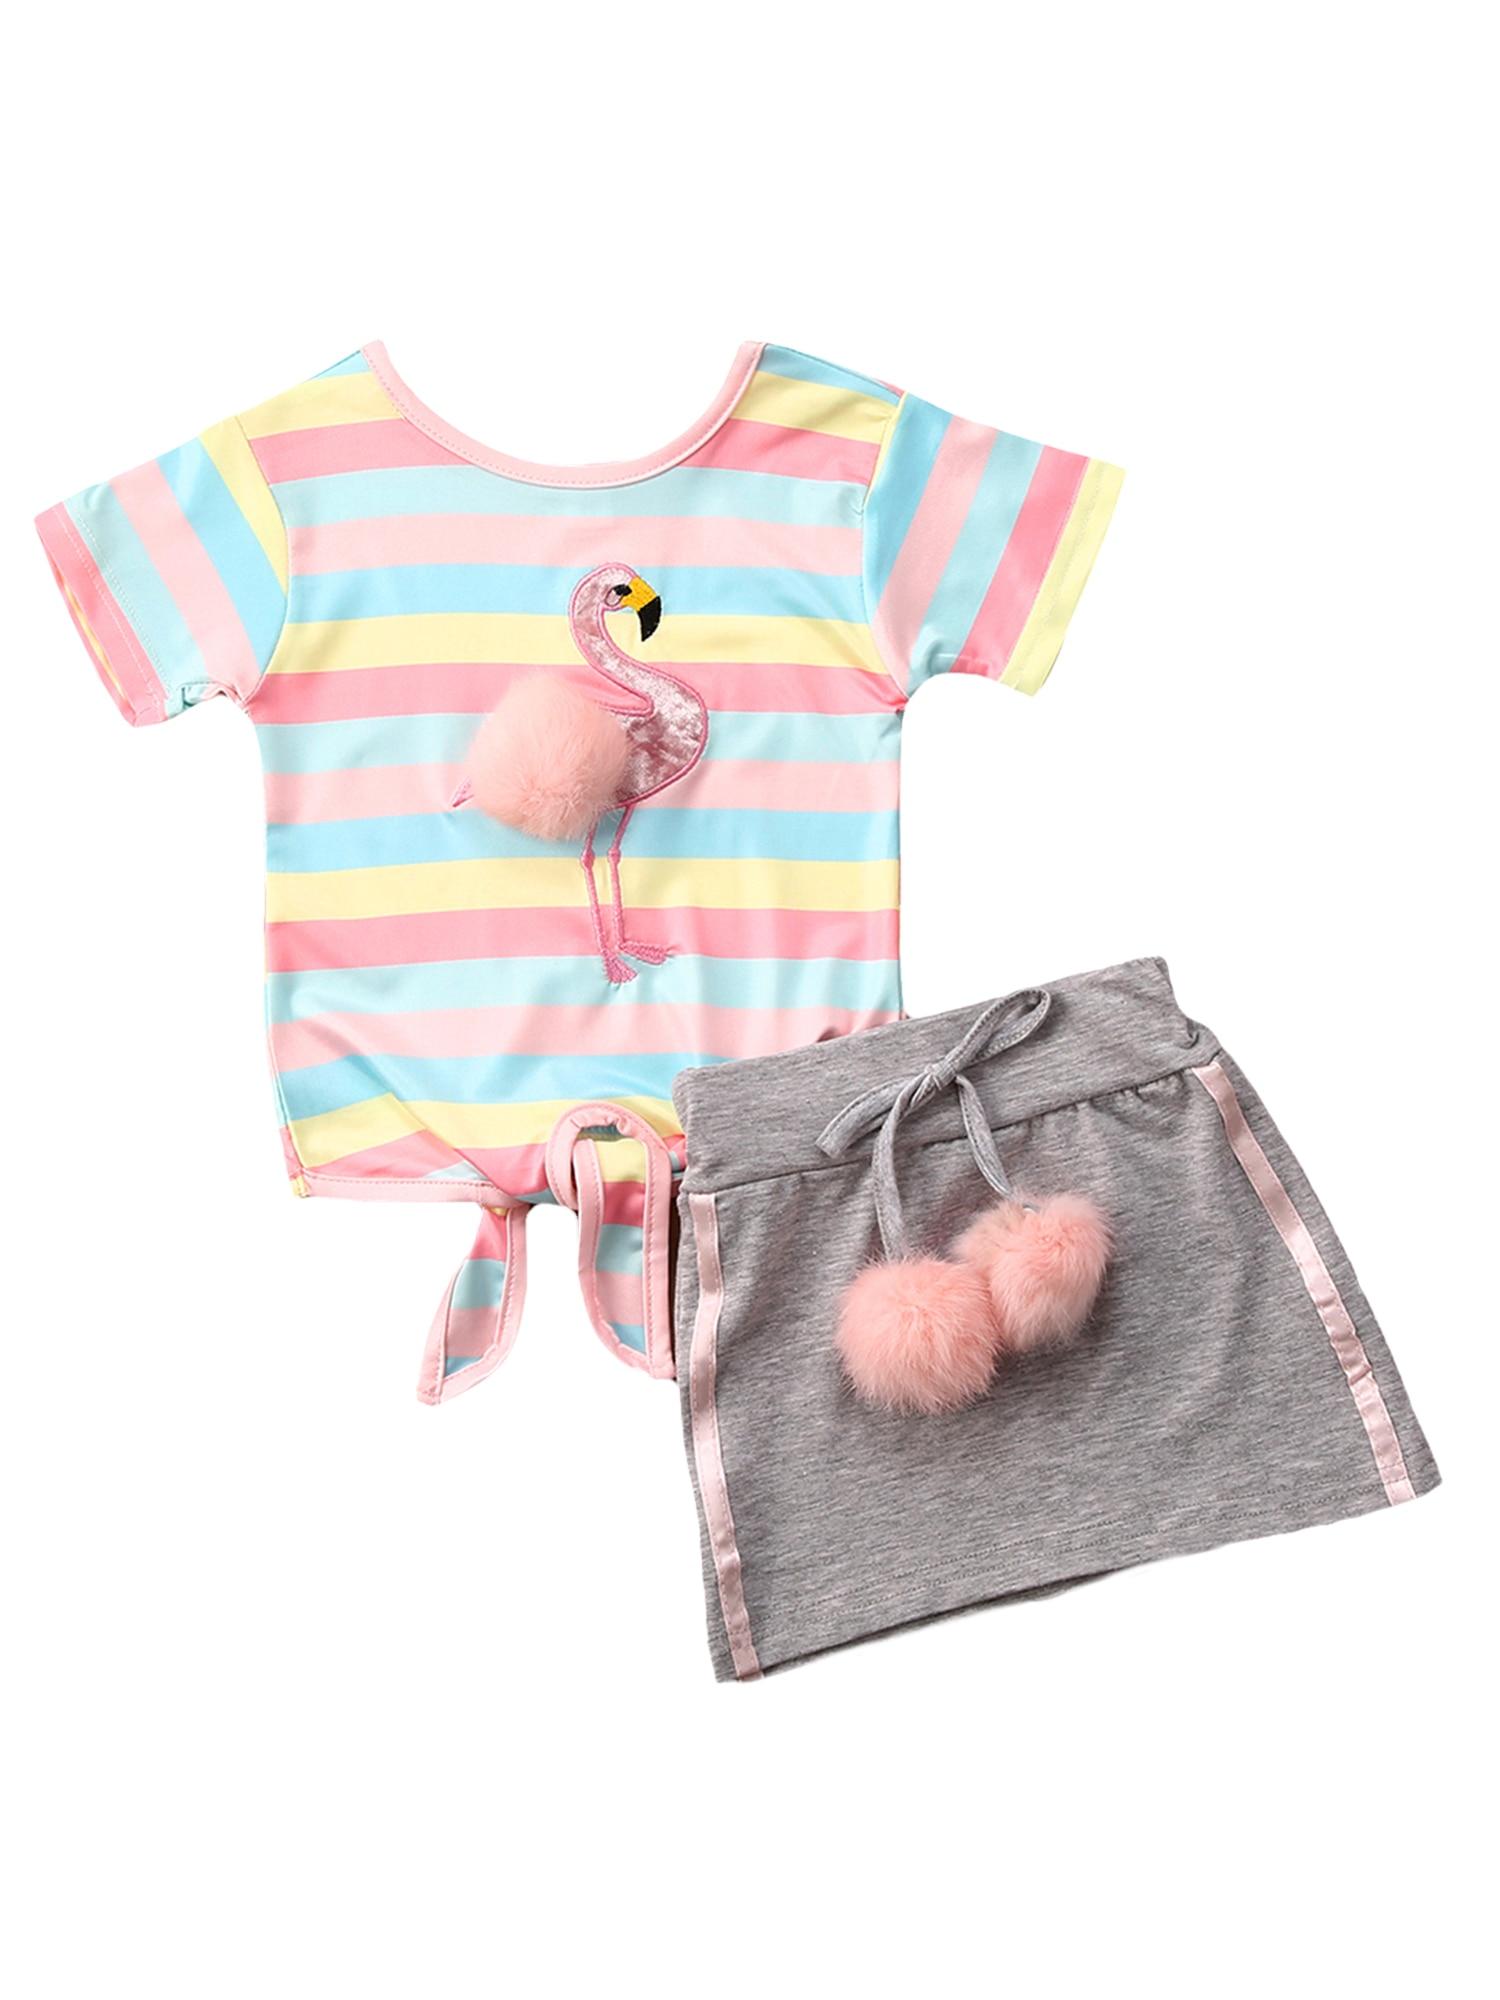 Детская летняя одежда для маленьких девочек, футболка с плюшевым мячом, комплект одежды с топом и юбкой, 2020